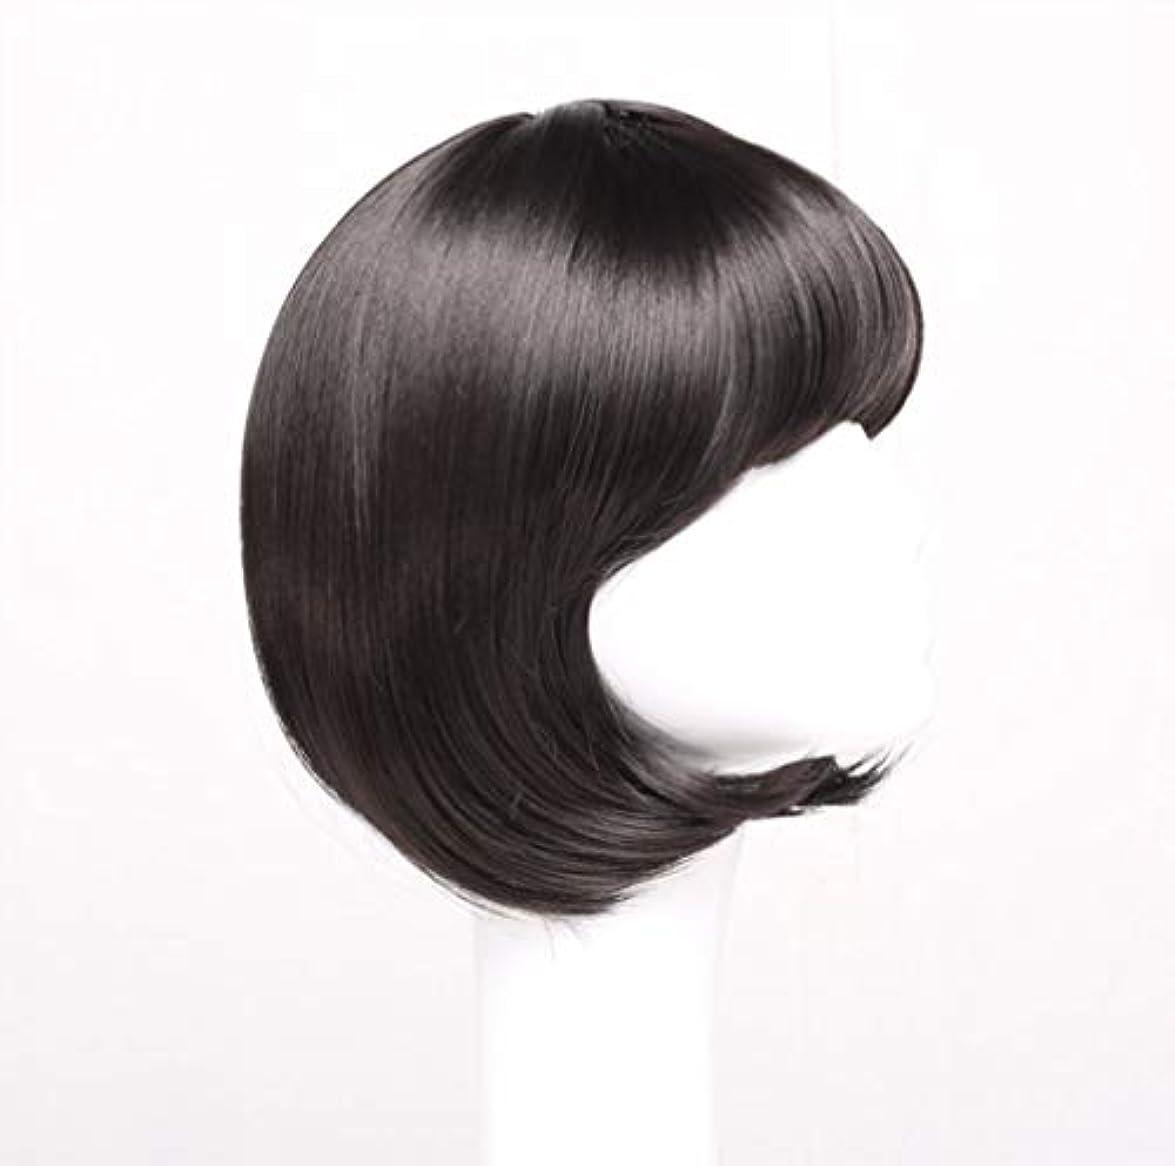 腹部ピービッシュリファイン女性かつらショートボブ波状マイクロ巻き毛合成毎日パーティーかつらとして本物の髪+無料かつらキャップ